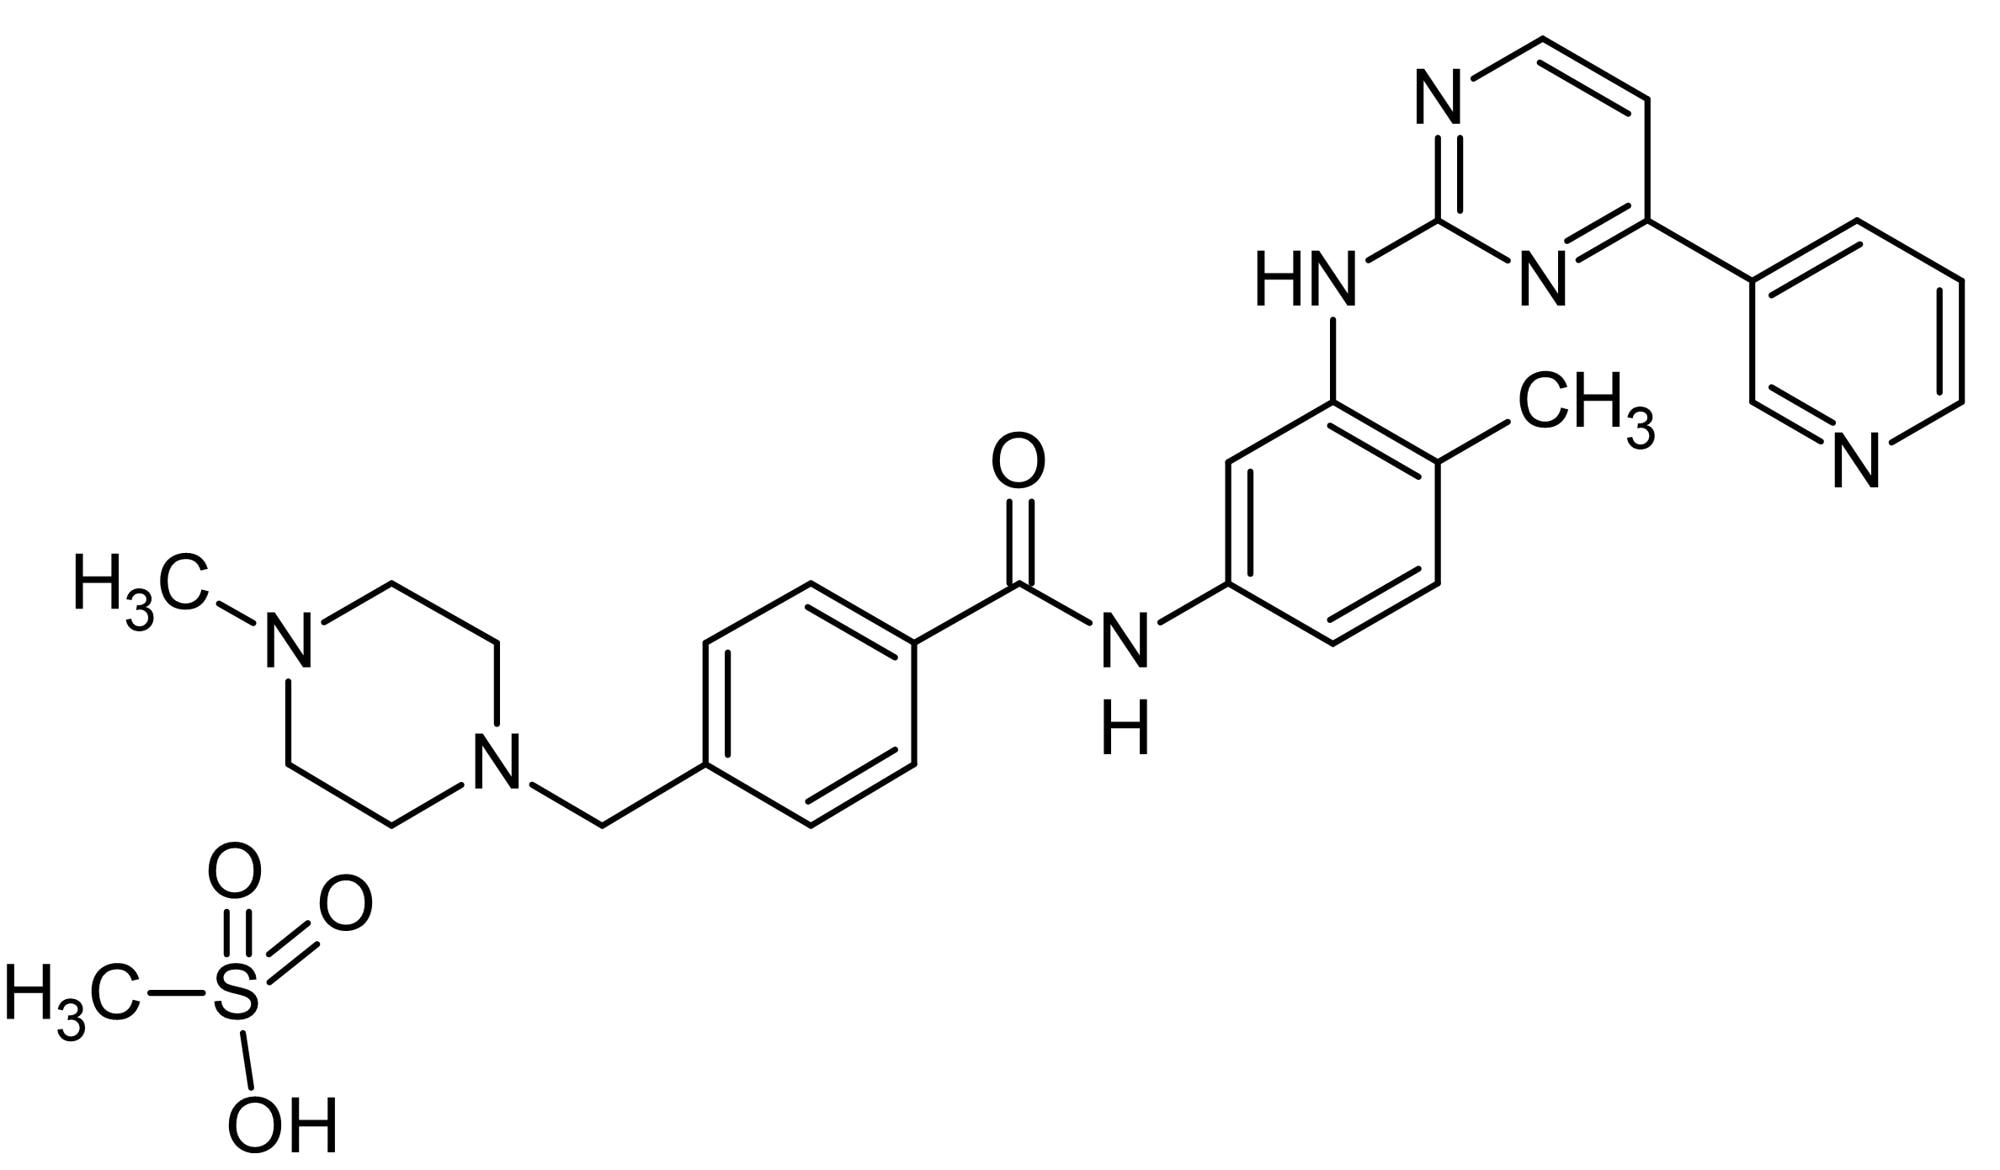 Chemical Structure - Imatinib mesylate, Tyrosine kinase inhibitor (ab142070)